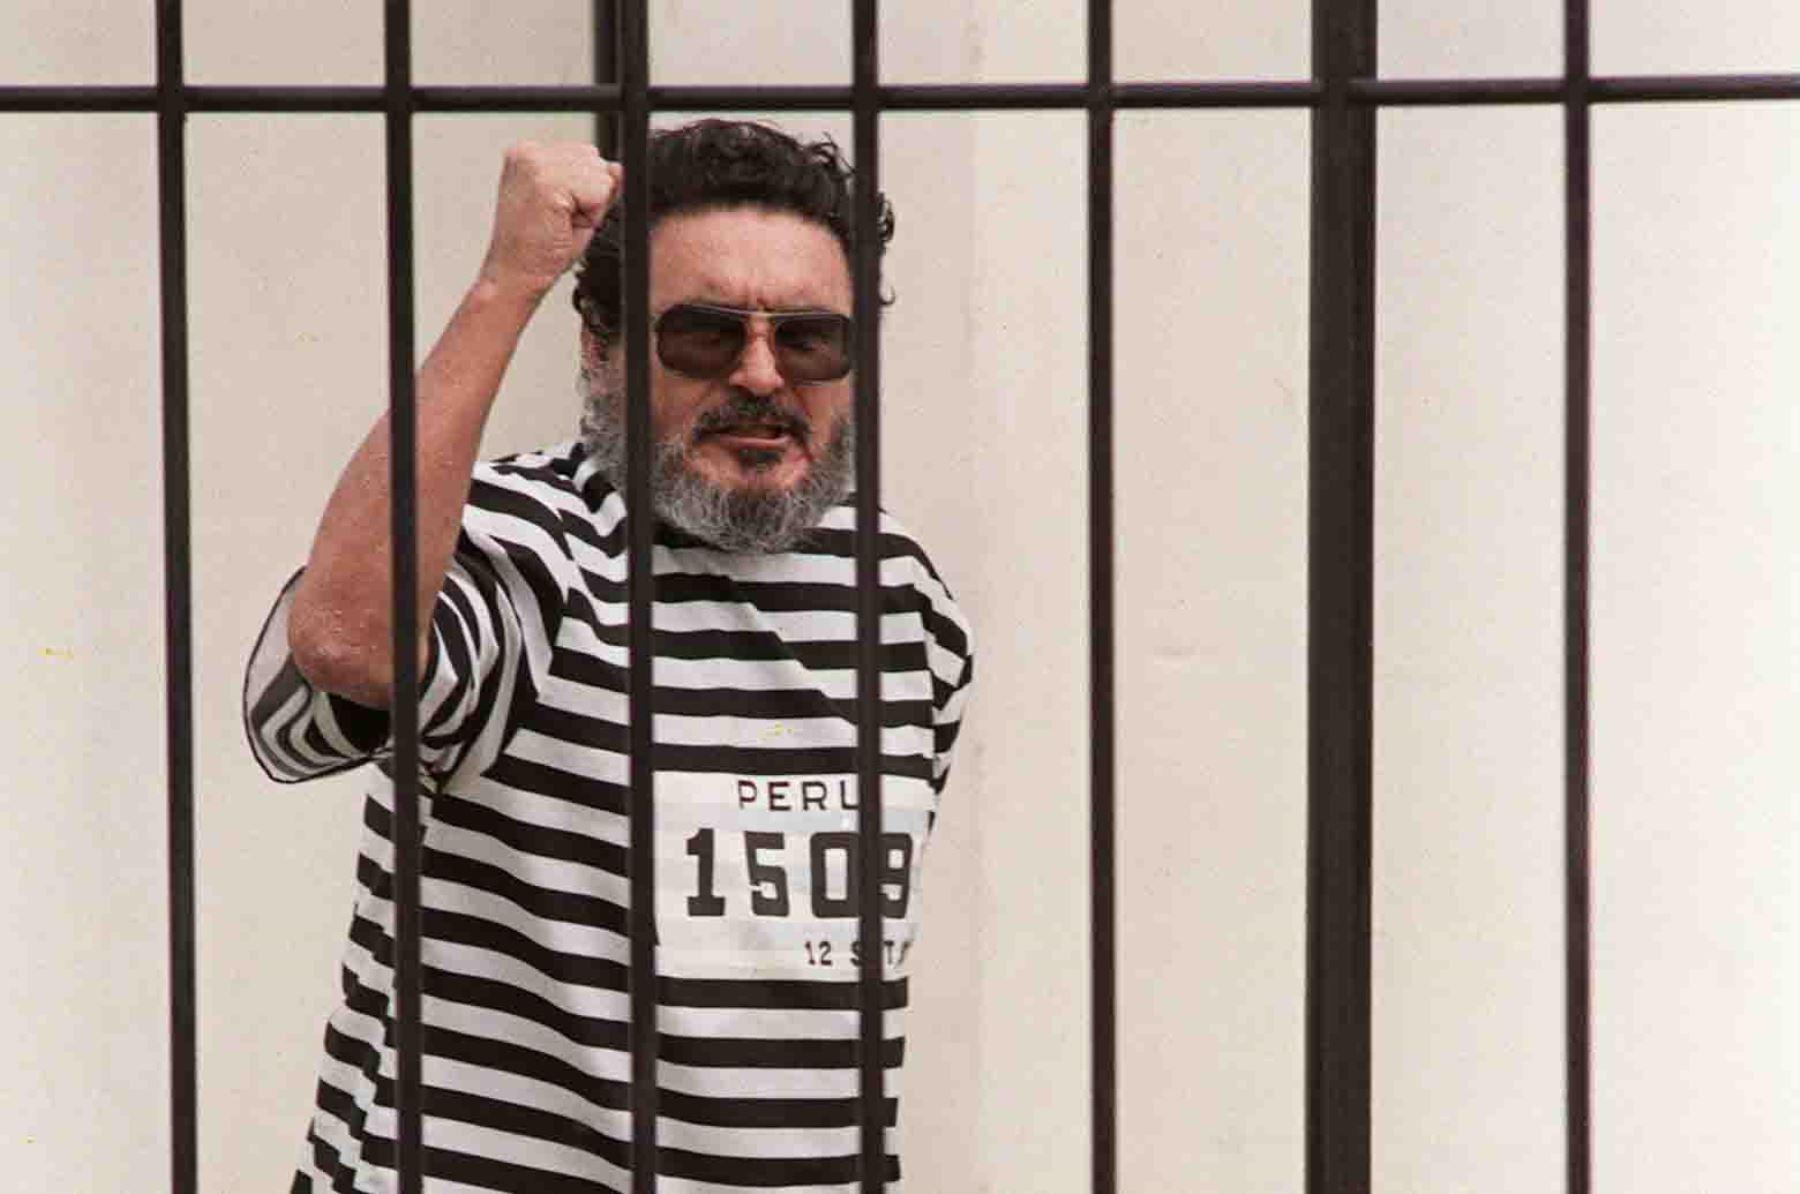 Terrorismo nunca más: así fue la captura de Abimael Guzmán Zorba